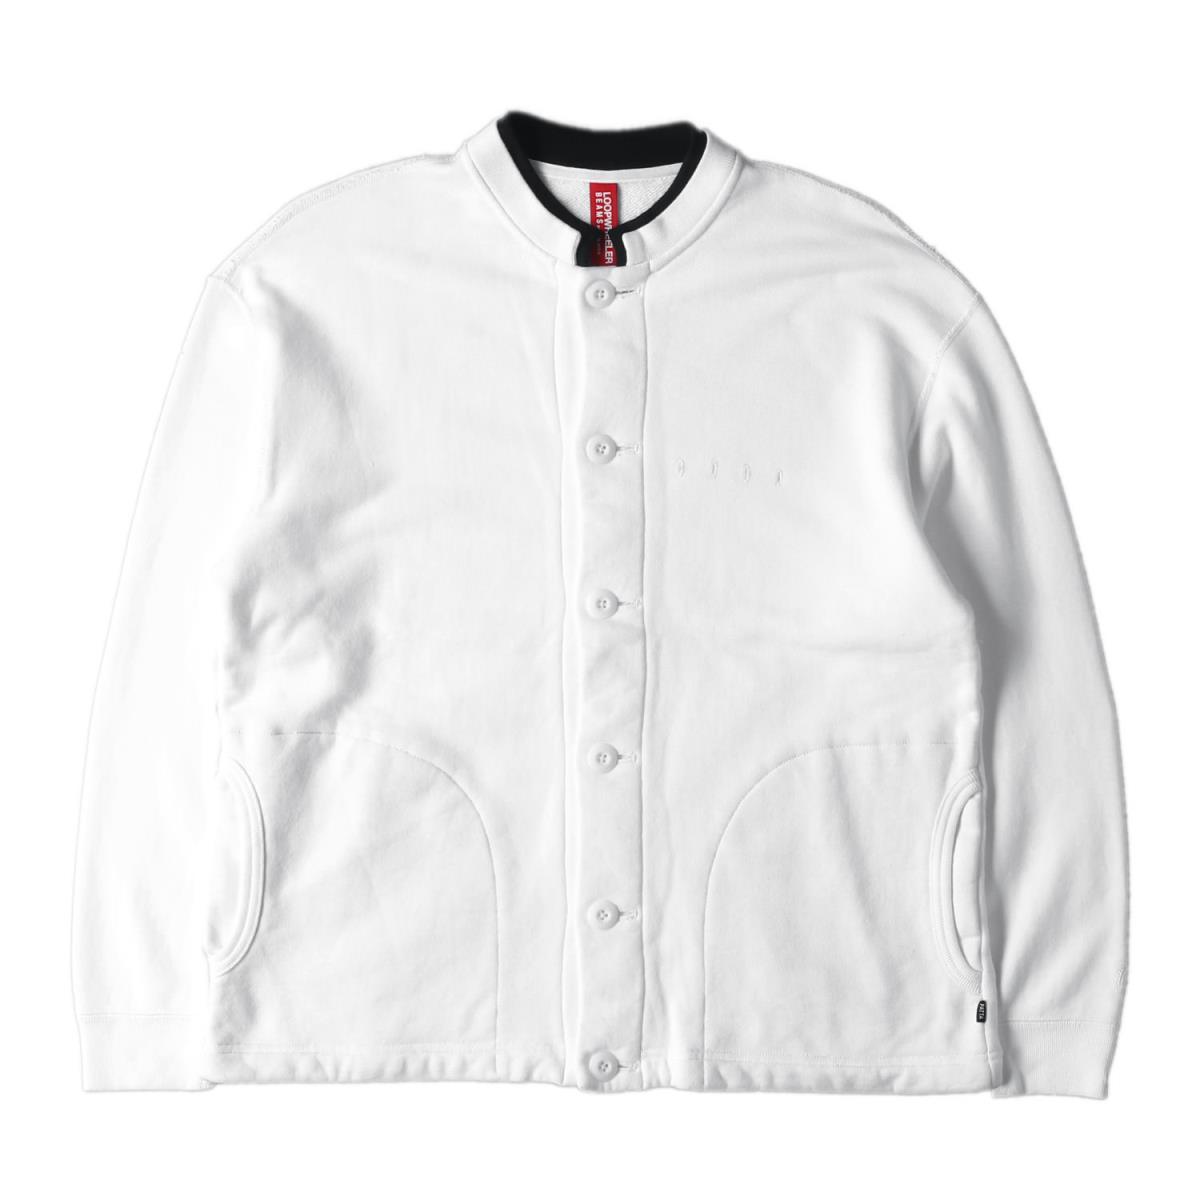 Patta (パタ) シャツ 17AW ×BEAMS×LOOPWHEELER スタンドカラー スウェット シャツ (Sweat Shirts) ホワイト M 【メンズ】【中古】【K2569】【あす楽☆対応可】